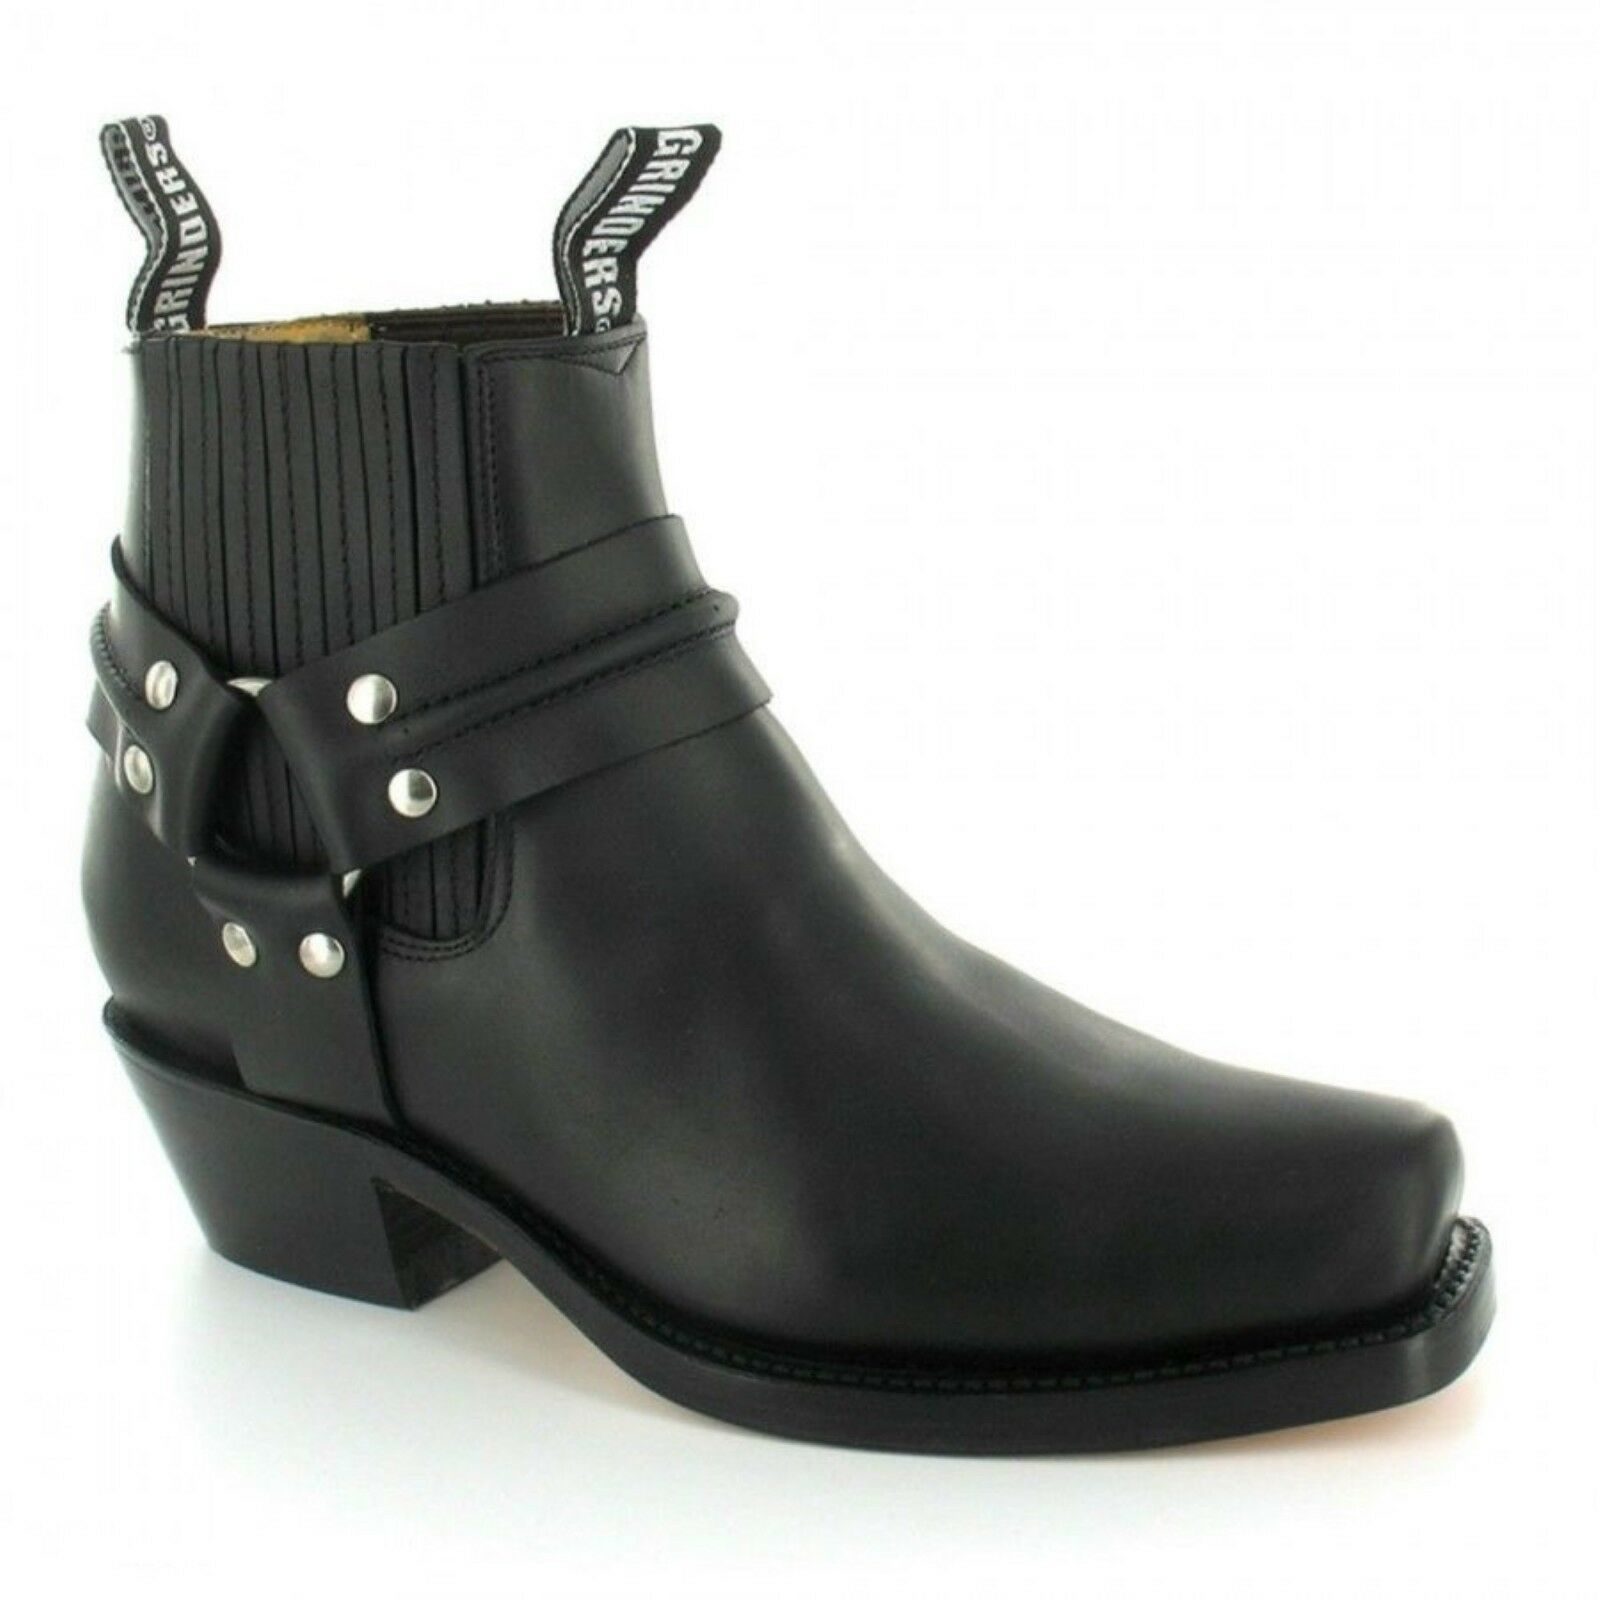 Los zapatos más populares para hombres y mujeres Nuevo Grinders Renegade LOW para Hombre Negro Zapatos Botas occidental de cuero de motorista